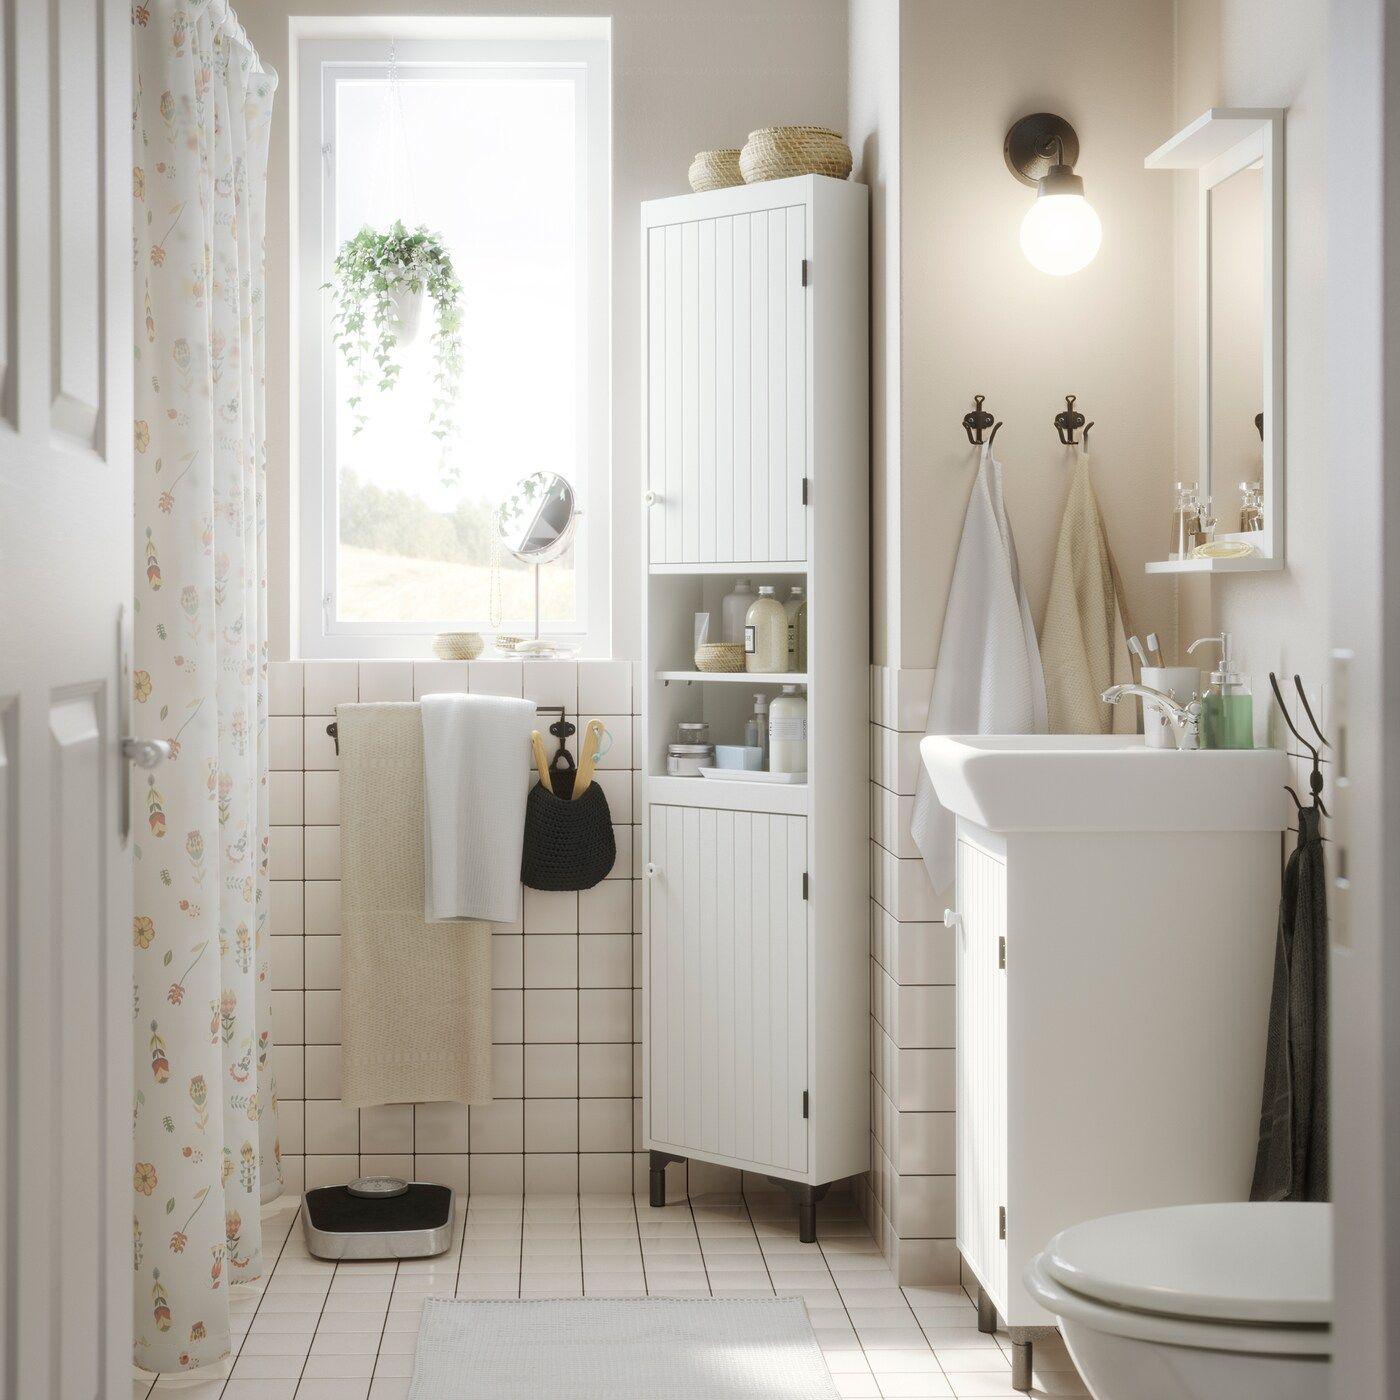 Badezimmer Ideen Inspirationen Ikea Badkamer Kleine Badkamer Ontwerpen Romantische Badkamers